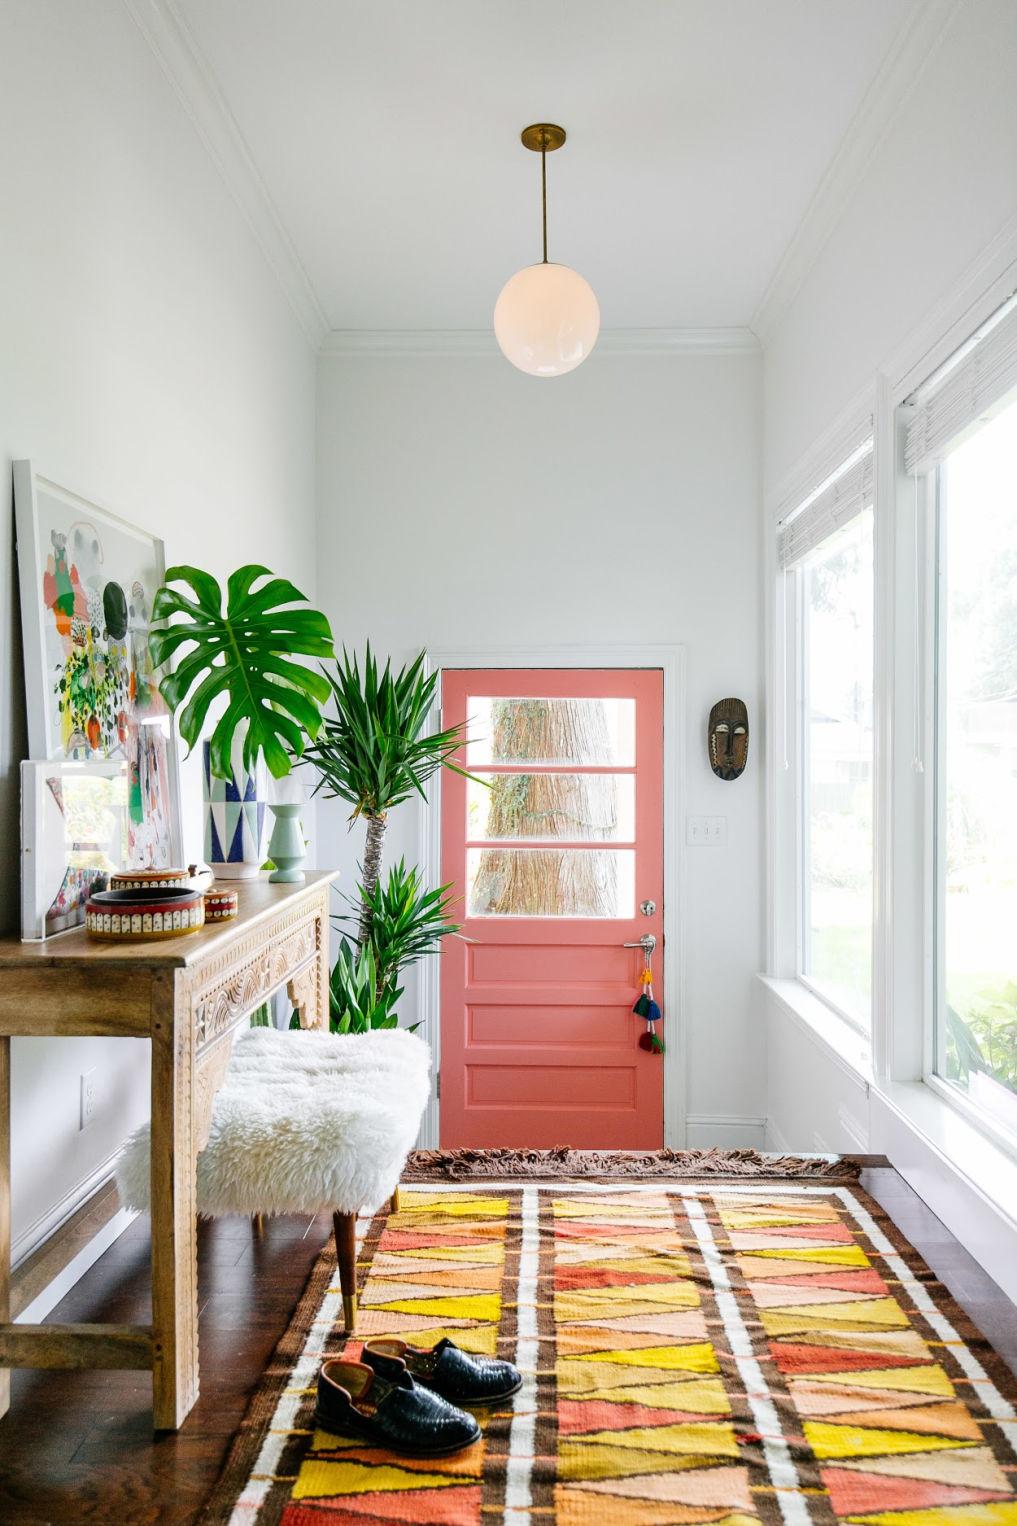 Mudroom with pink door #bohodecor #pink #pinkpaint #pinkdoor #mudroomdecor #mudroom #vintagedecor #eclecticdecor